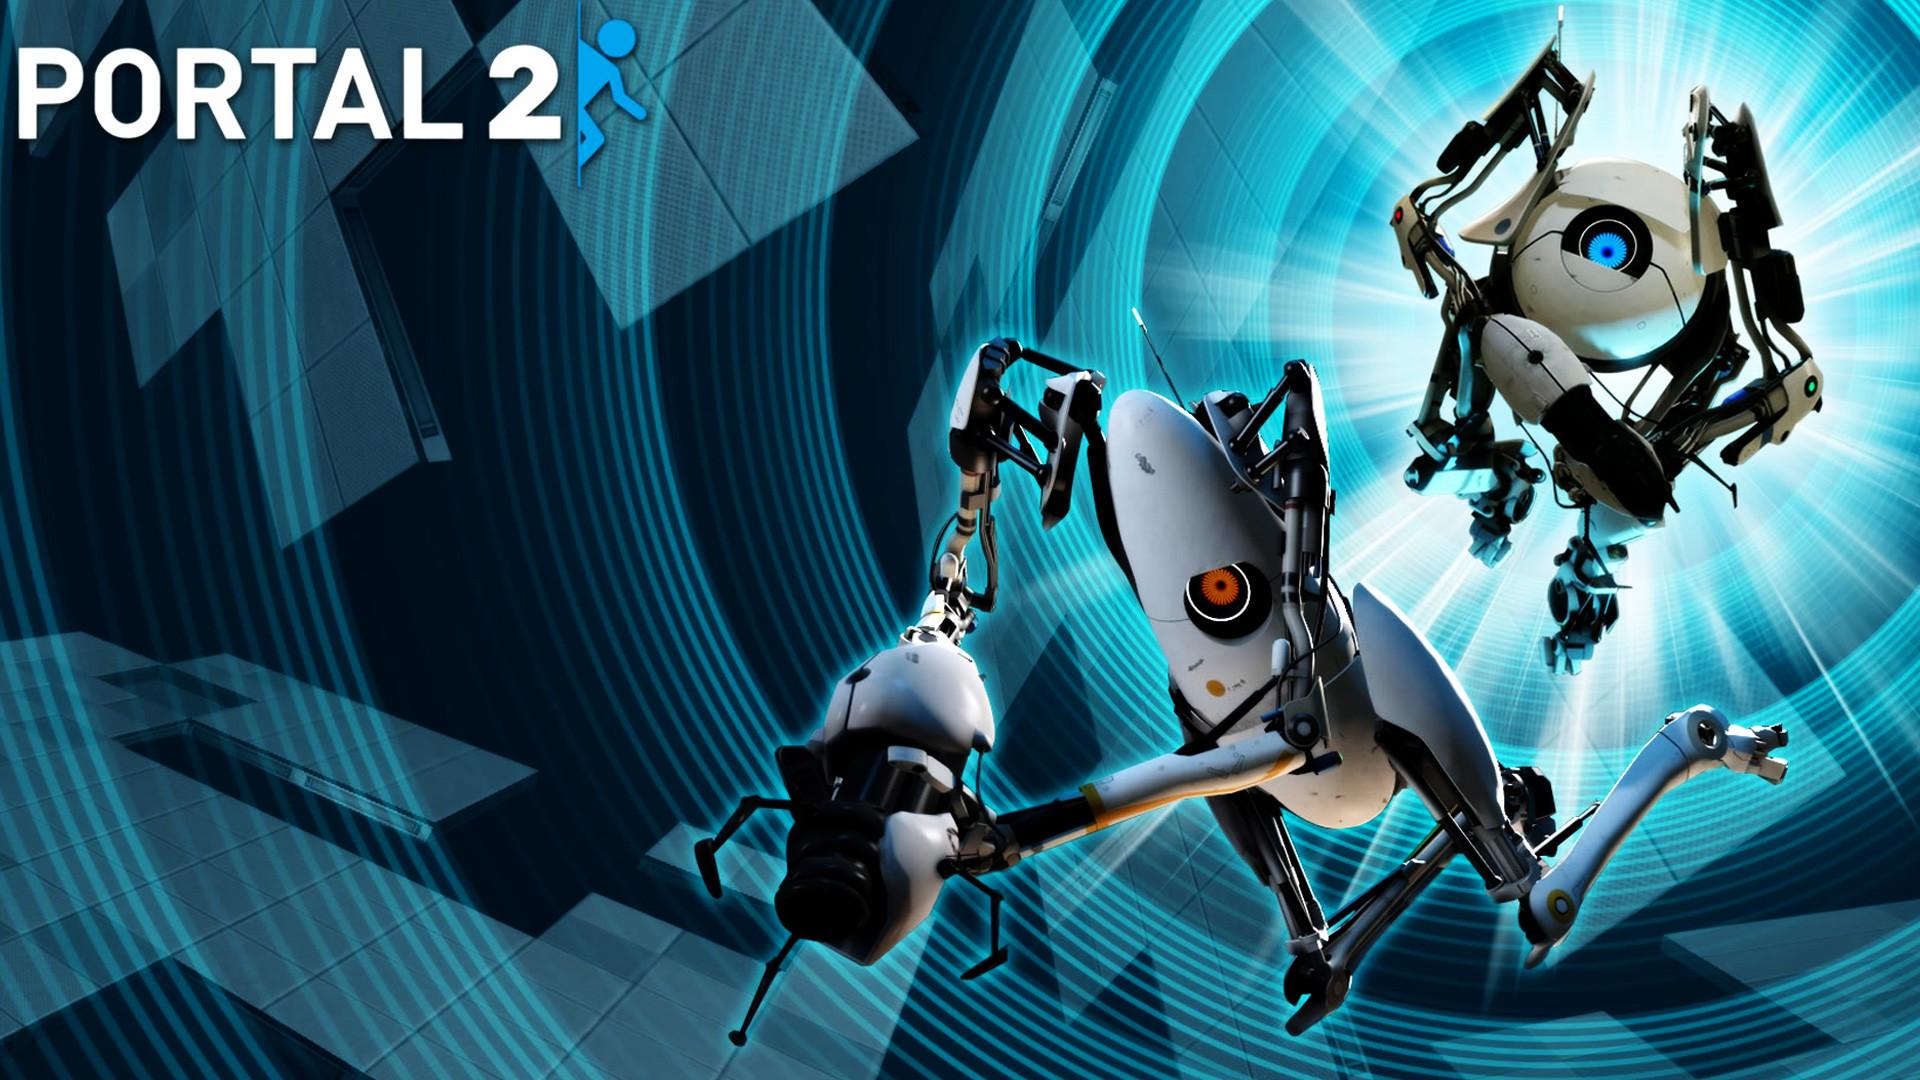 Portal 2 (2011) PC | RePack от R.G. CatalystПродолжение знаменитой «головоломки от первого лица» Portal, удостоенной титула «Игра 2007 года» более чем тридцатью зарубежными и российскими специализированными изданиями. После завершения событий, происходивших в первой части игры, прошло несколько сотен лет. Очнувшись, главная героиня Челл обнаруживает, что всё это время находилась в состоянии анабиоза возле разрушенной Лаборатории исследования природы порталов. Ее встречает один из модулей персональностей ГЛэДОС - Уитли, который предлагает выбраться на свободу с помощью спасательной капсулы. Но у одержимого жаждой власти суперкомпьютера ГЛэДОС совсем другие планы насчет Челл… В Portal 2 игроков ждет еще больше загадок, шуток и смелых экспериментов. Преодолевать препятствия придется, как и прежде, с помощью порталов, однако теперь можно будет использовать гели, которые повышают скорость и увеличивают дальность прыжков, а также отражающие лазер кубы, гидротрубы и другие странные объекты. Для тех, кто мечтал пройти Portal с друзьями, появился режим совместной игры, в котором можно управлять двумя роботами. Им не свойственна гордость, они не знают страха и… они вообще ничего не знают. Напарникам придется провести роботов через безумные препятствия, сотворенные ГЛэДОС, и разобраться, в чем же их предназначение.